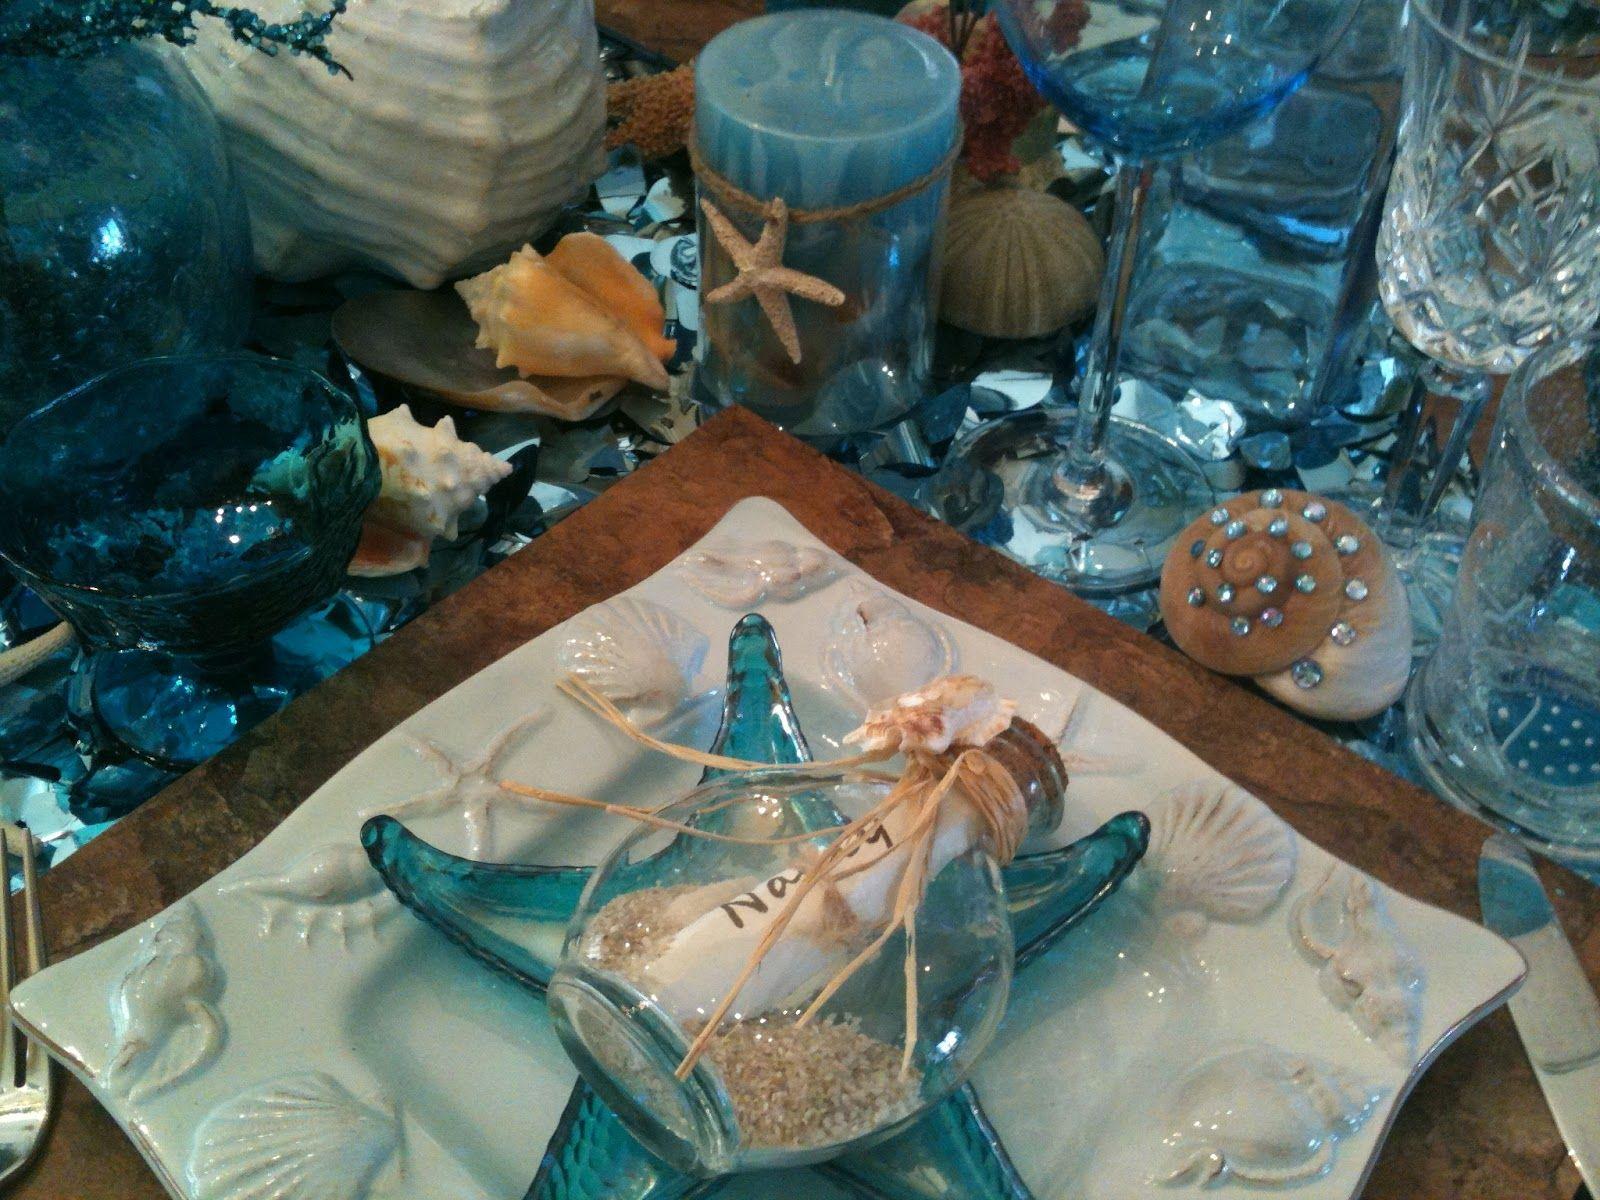 beach themed dinner party